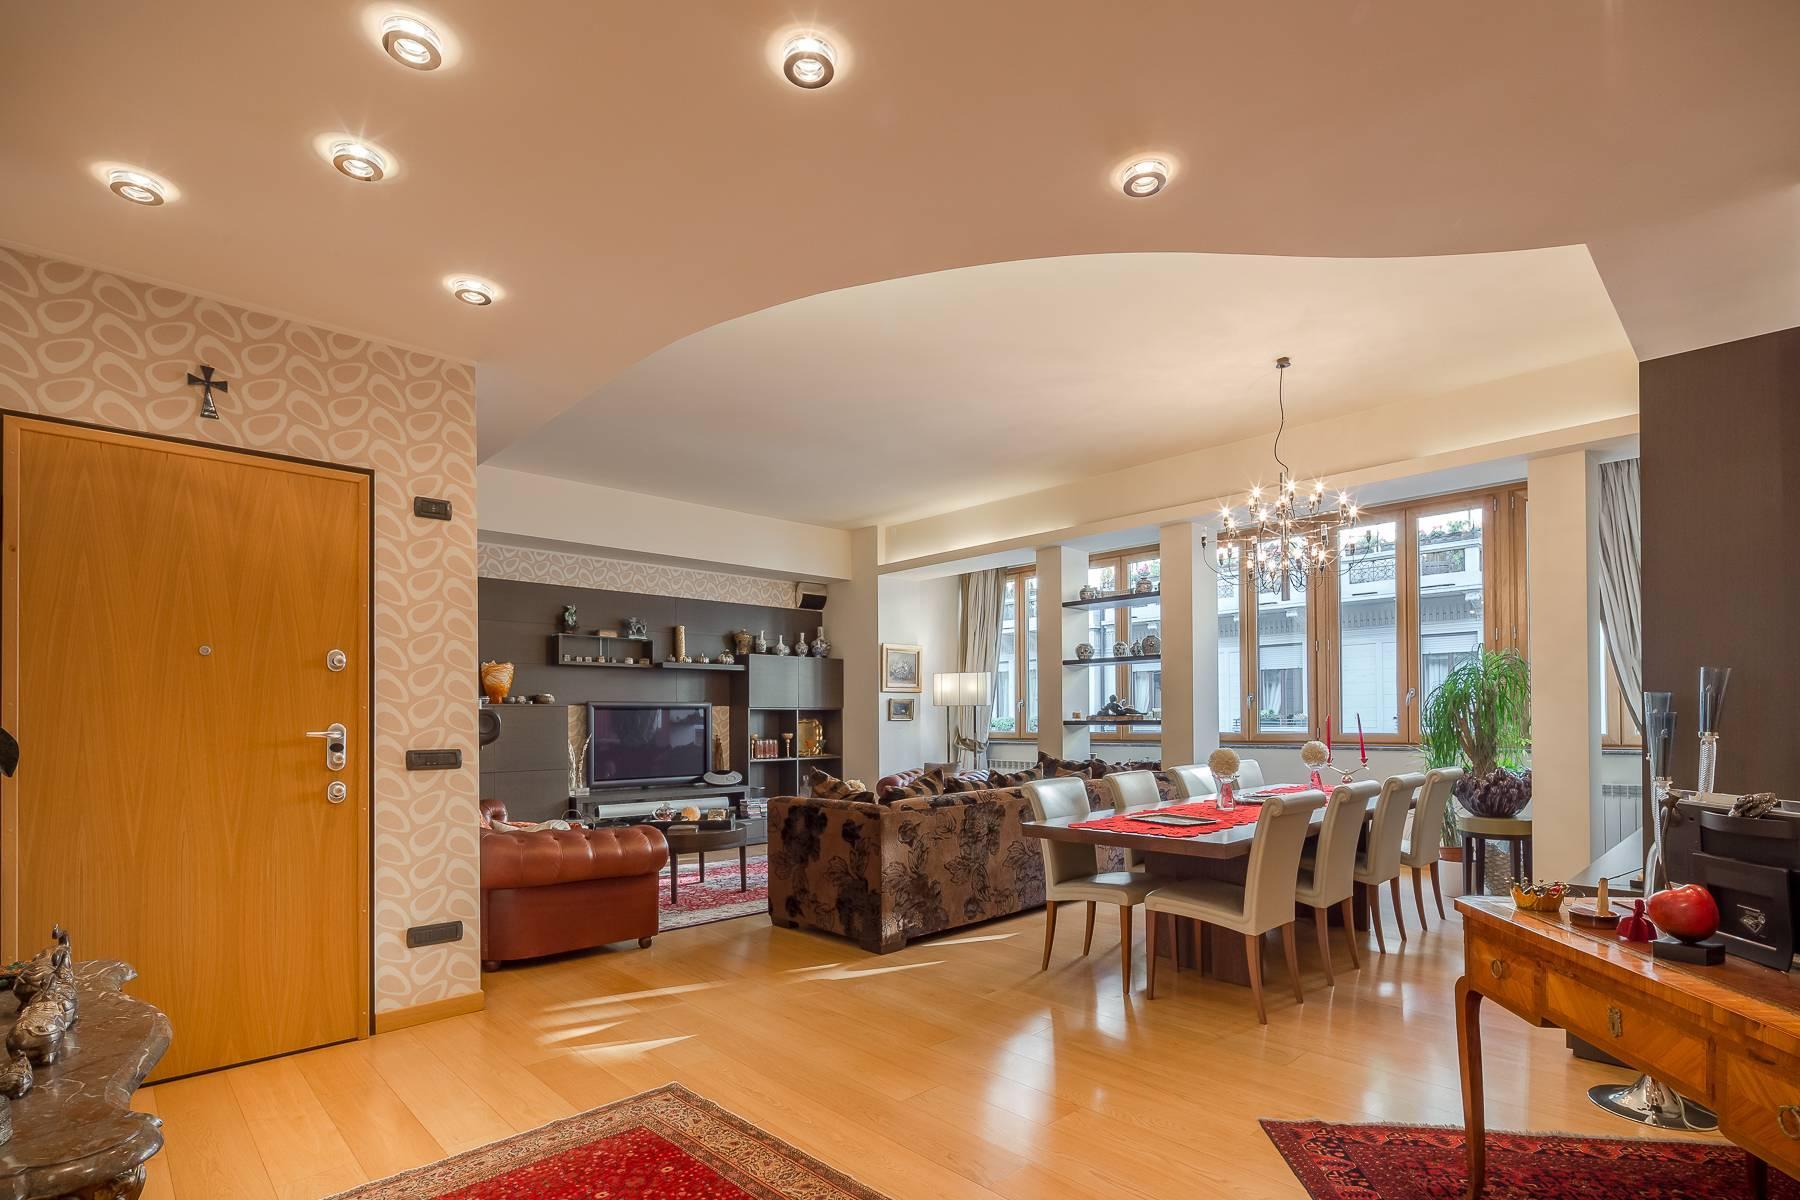 Квартира в классическом стиле на via Besana - 14